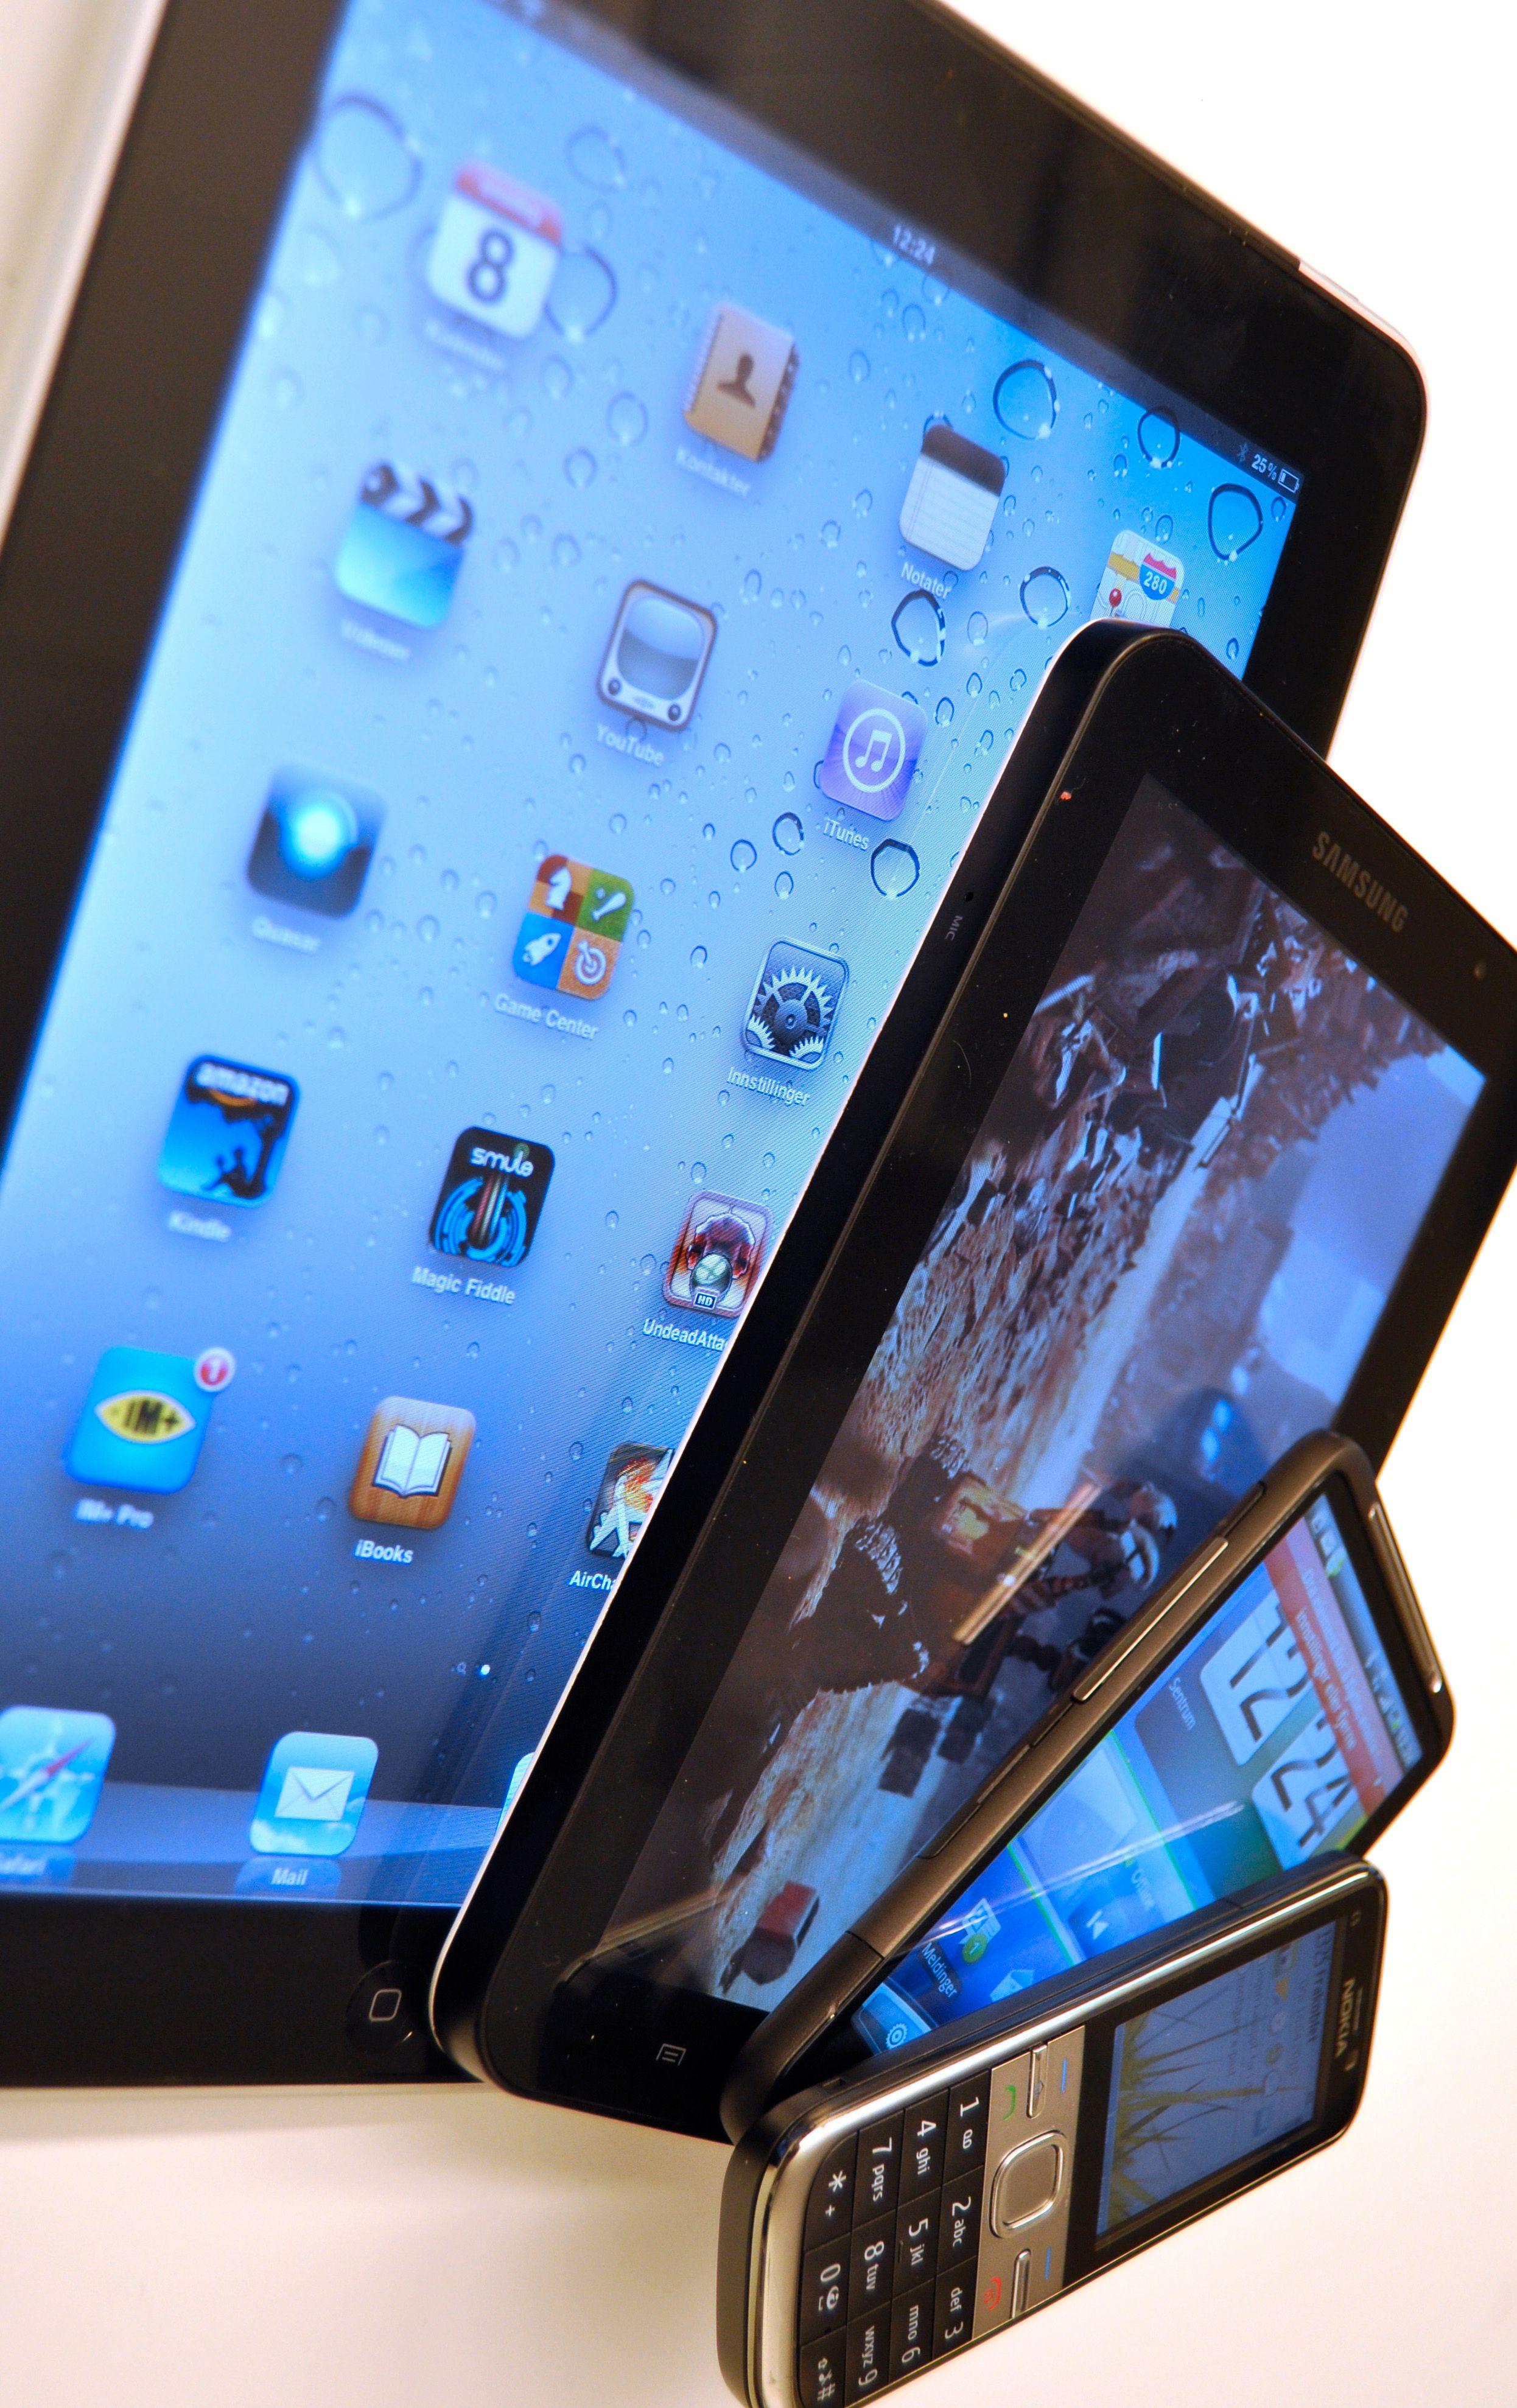 I dag har VG sluppet VG+, en applikasjon for Apples Ipad. De lover samtidig at VG+ vil bli tilgjengelig for flere plattformer på sikt.